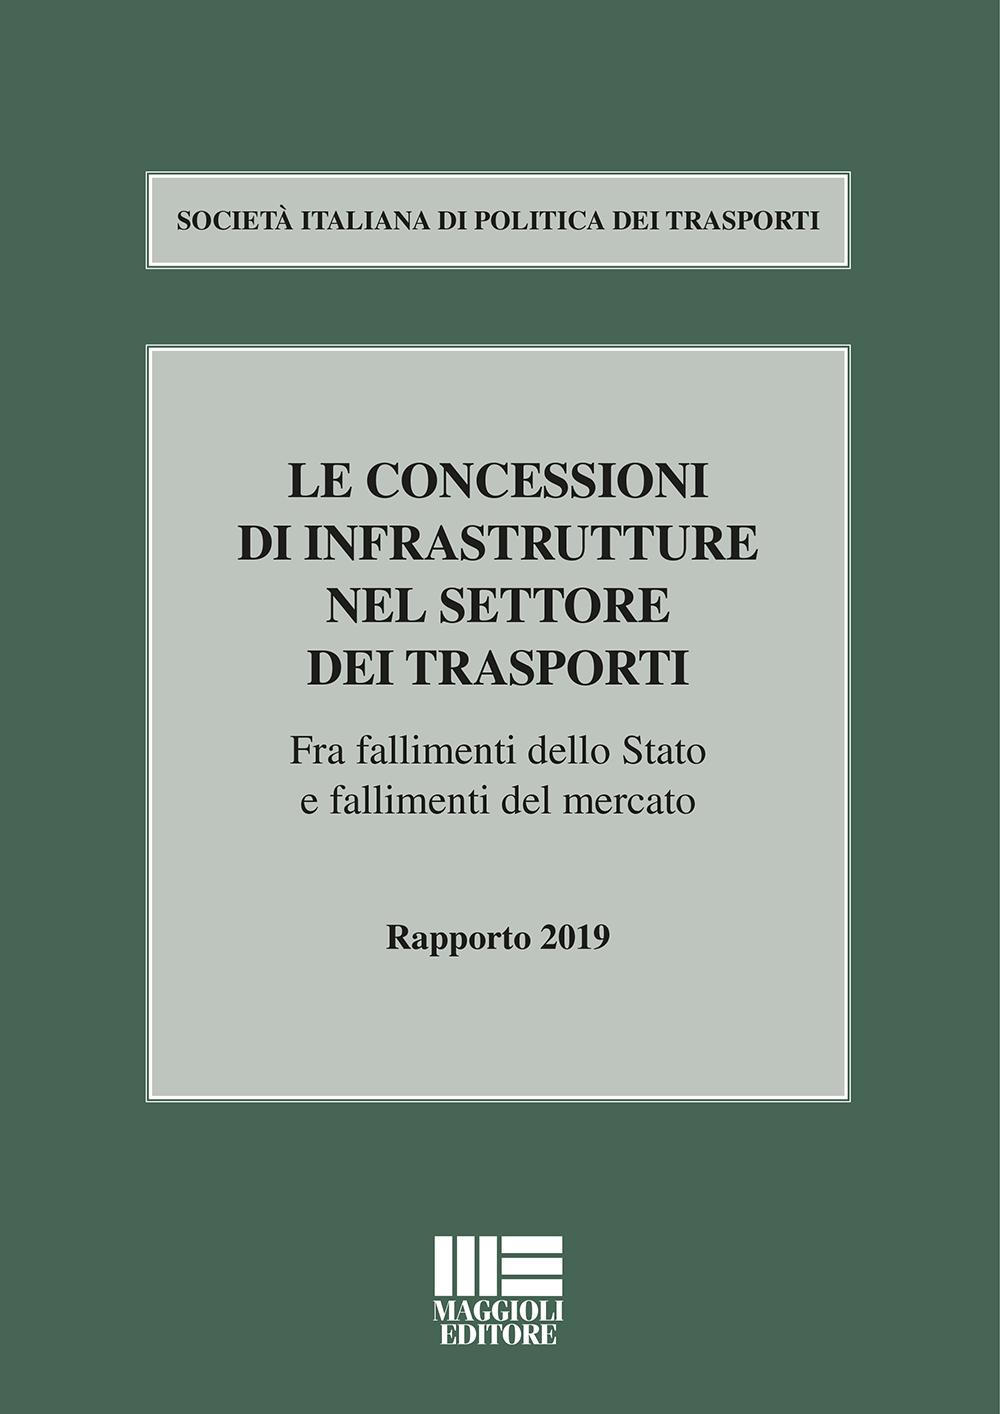 Le concessioni di infrastrutture nel settore dei trasporti